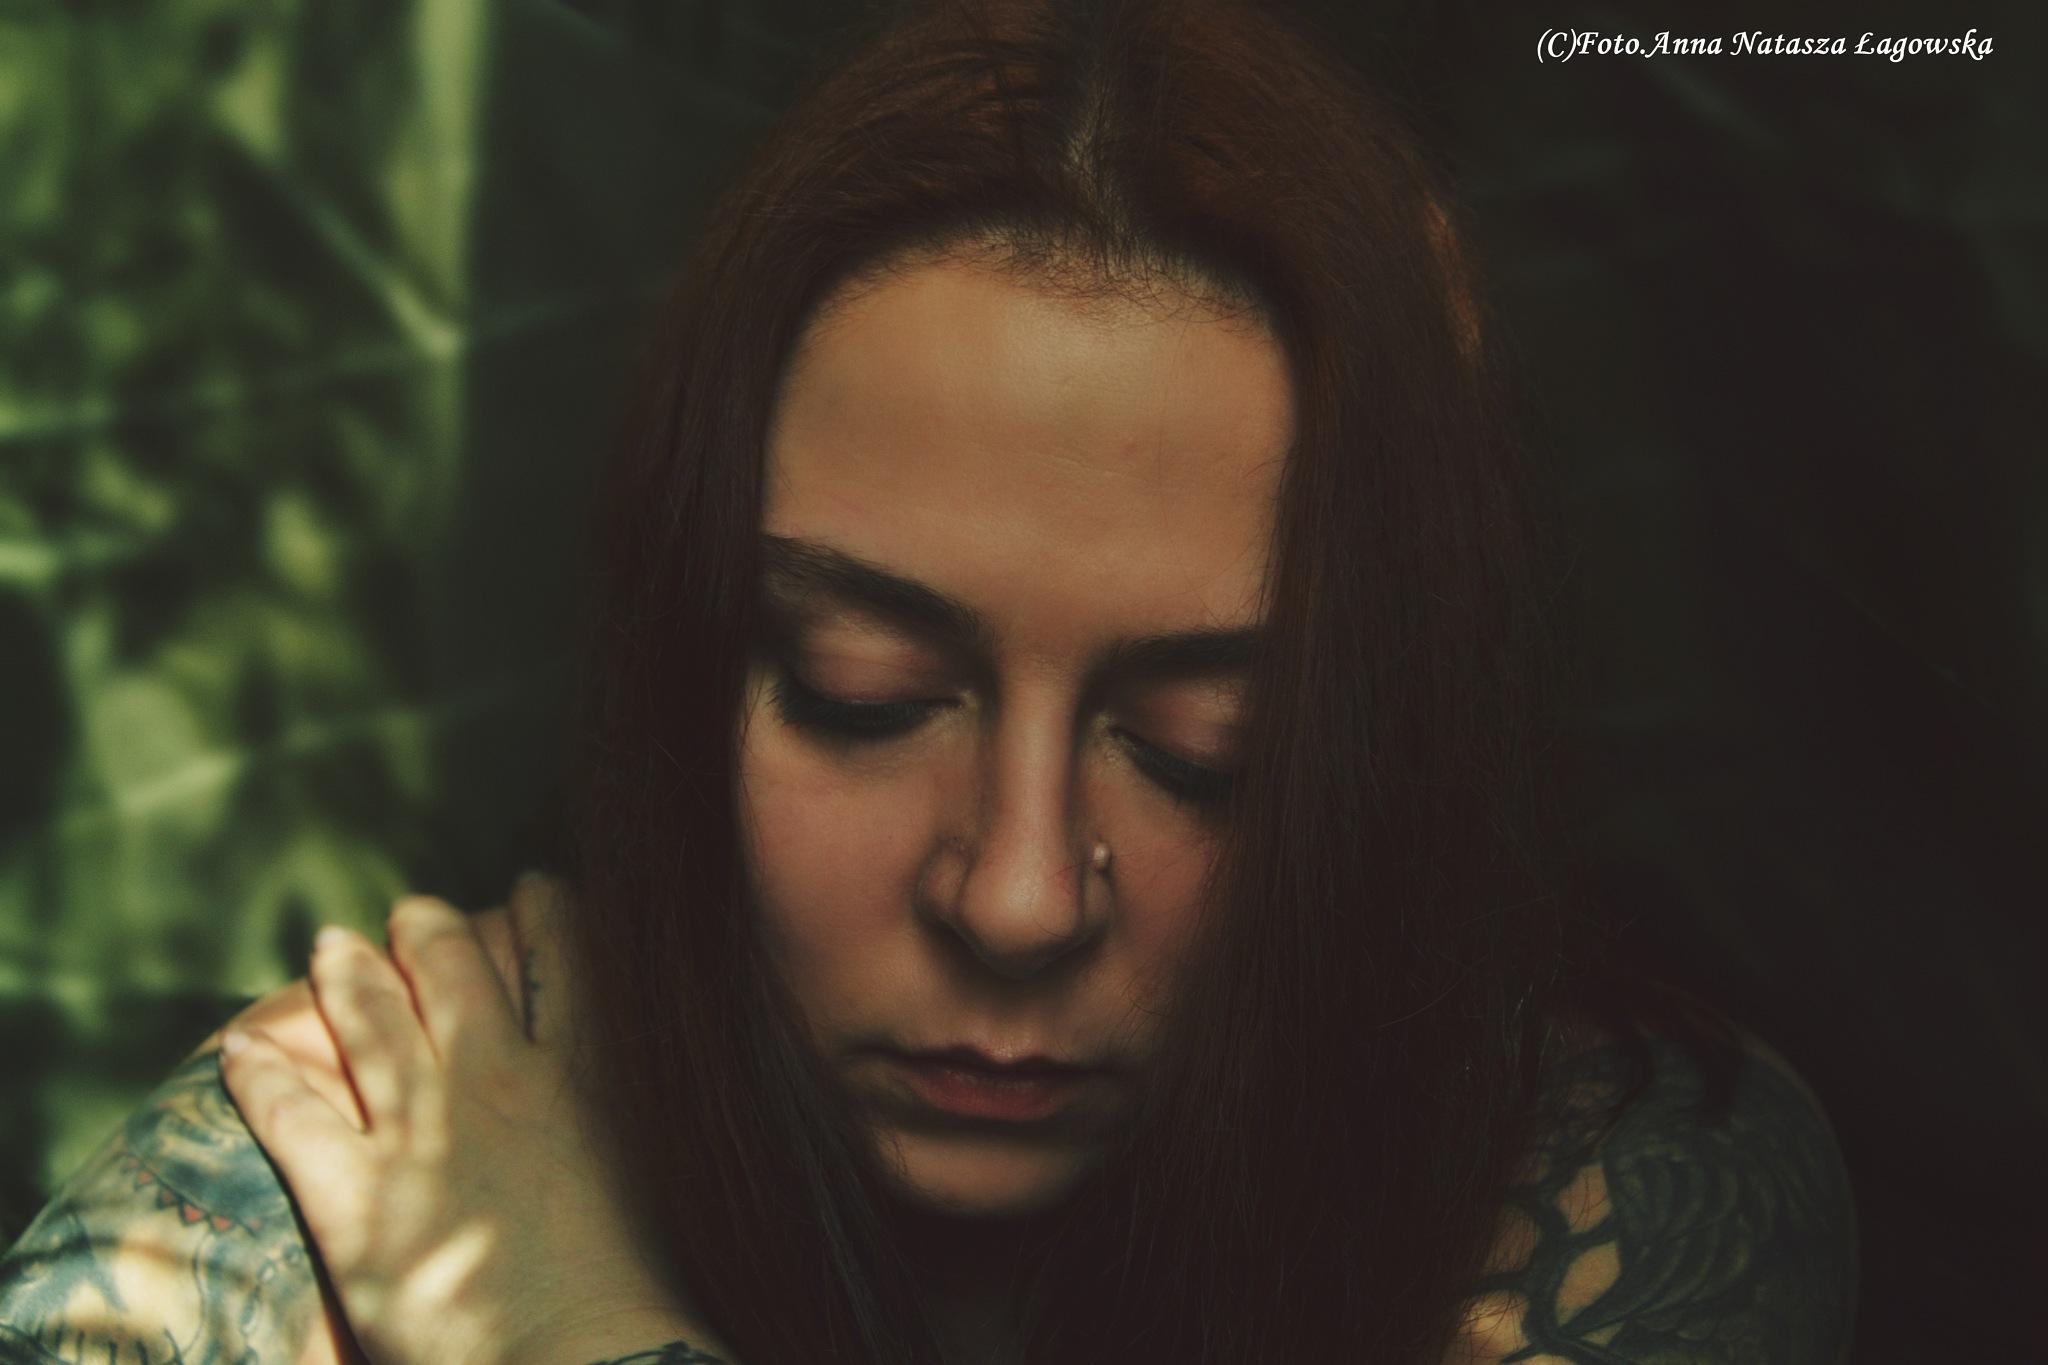 W ciemności mniej widać. W jasności chcemy więcej ukryć... by Anna Natasza Łagowska